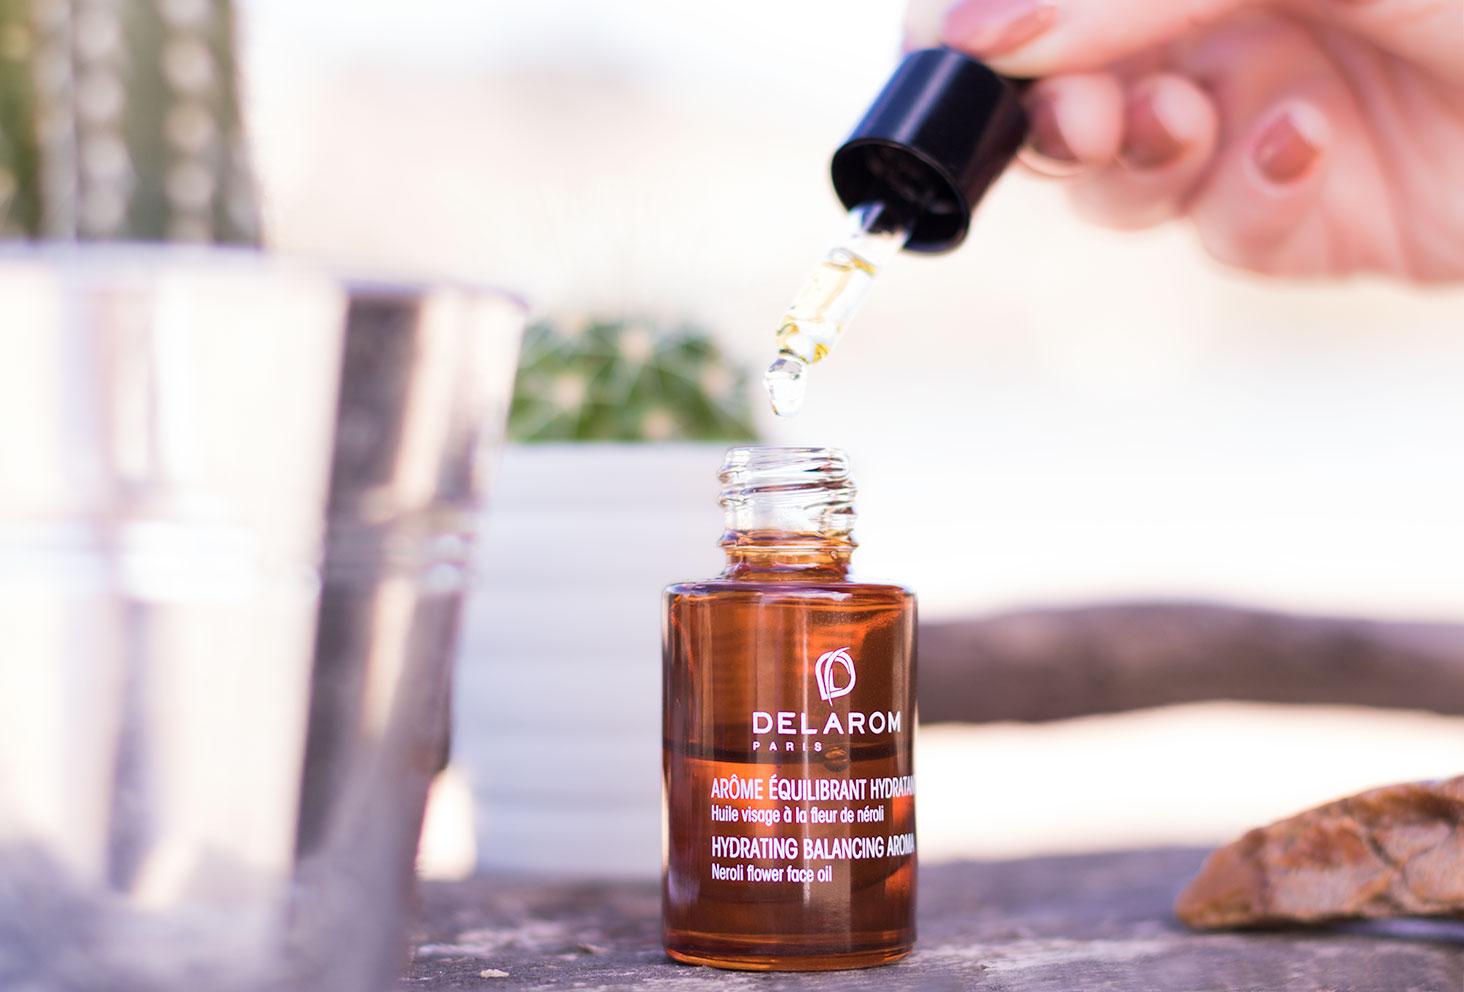 L'huile à la fleur de néroli DELAROM Paris ouvert sur une planche en bois